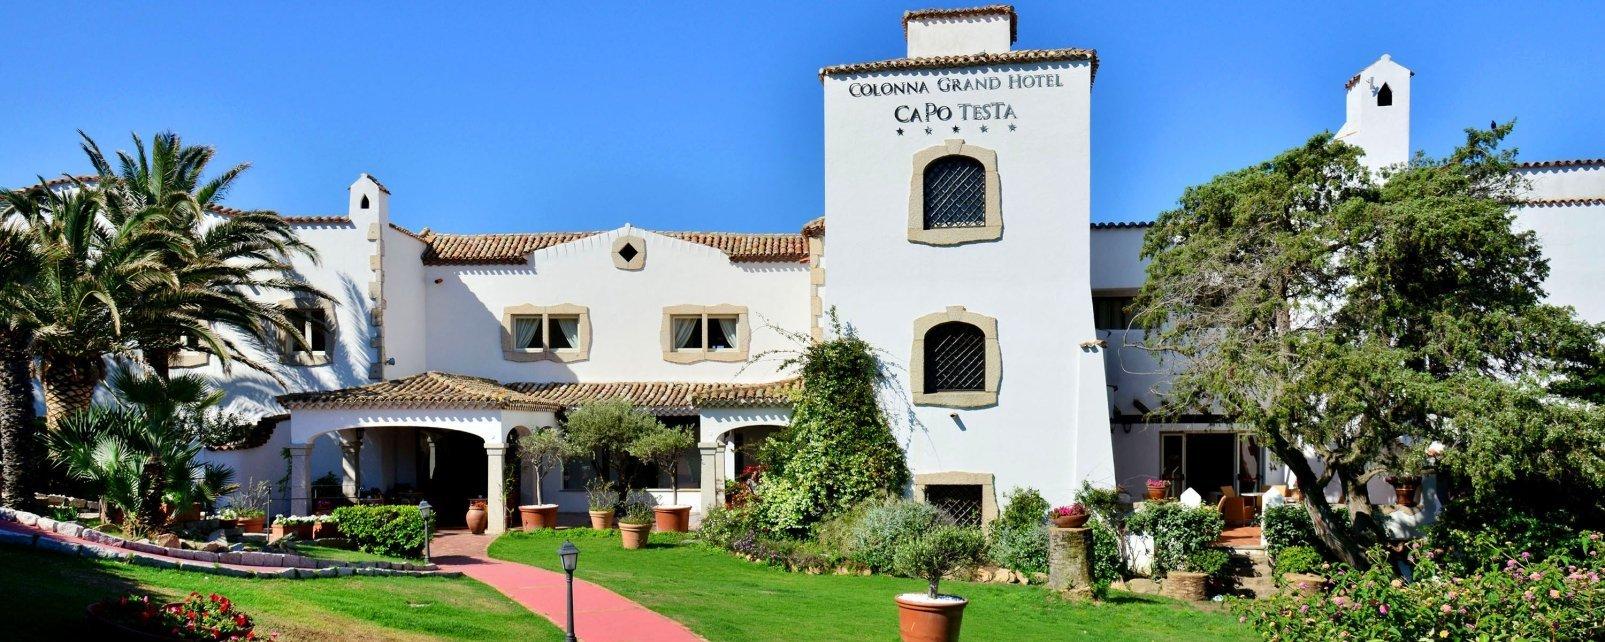 Hotel Grand Hotel Colonna Capo Testa